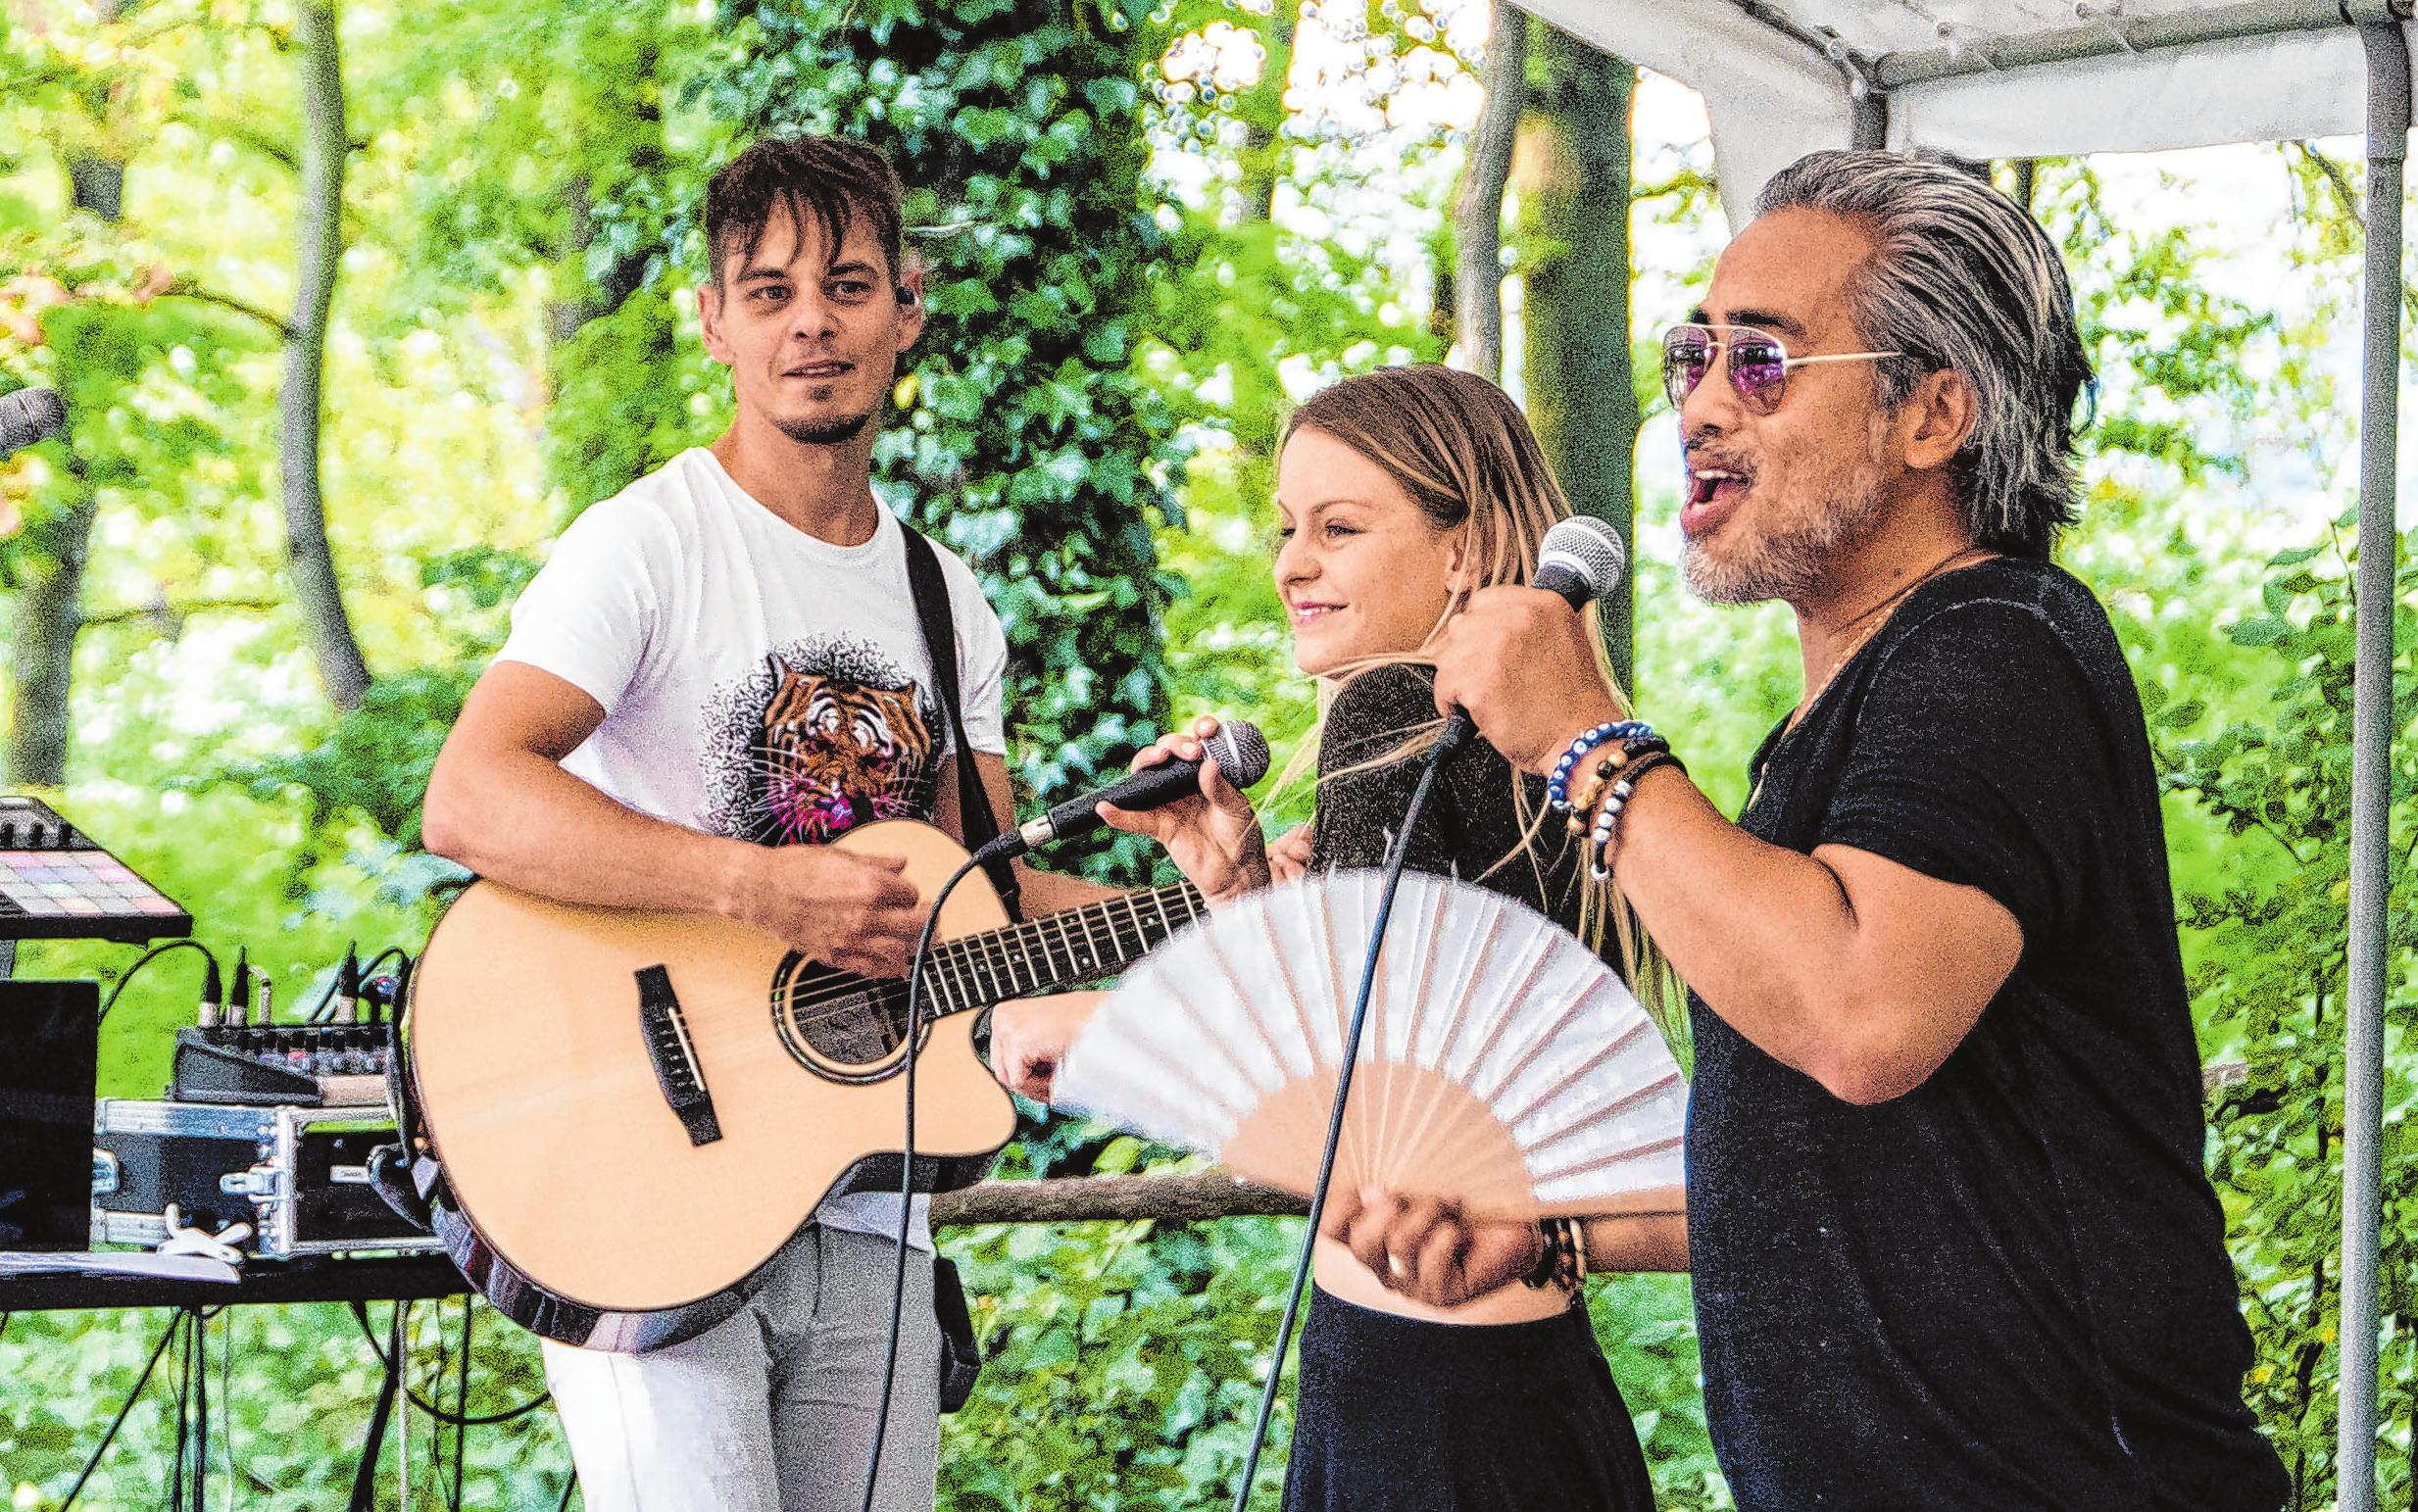 Die Gartenkonzerte des Scharwenka-Kulturforums in Bad Saarow sind beliebt - hier z. B. das Trio mit Dolan José, Daniel Hilpert und Lucia Aurich (v.l.).